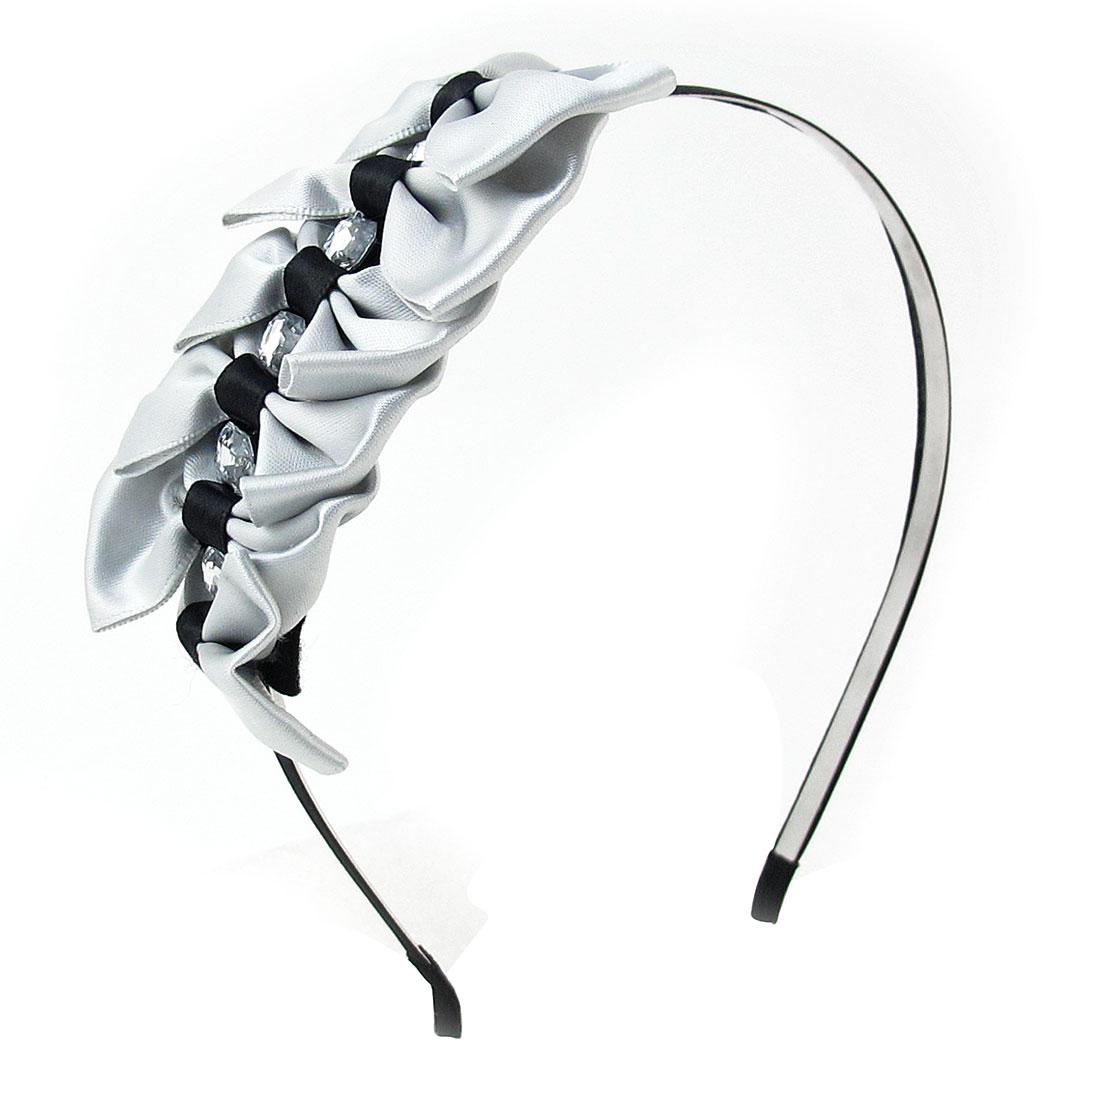 Gray Black Bowties Detail Metal Slim Frame Headband Hair Loop for Ladies